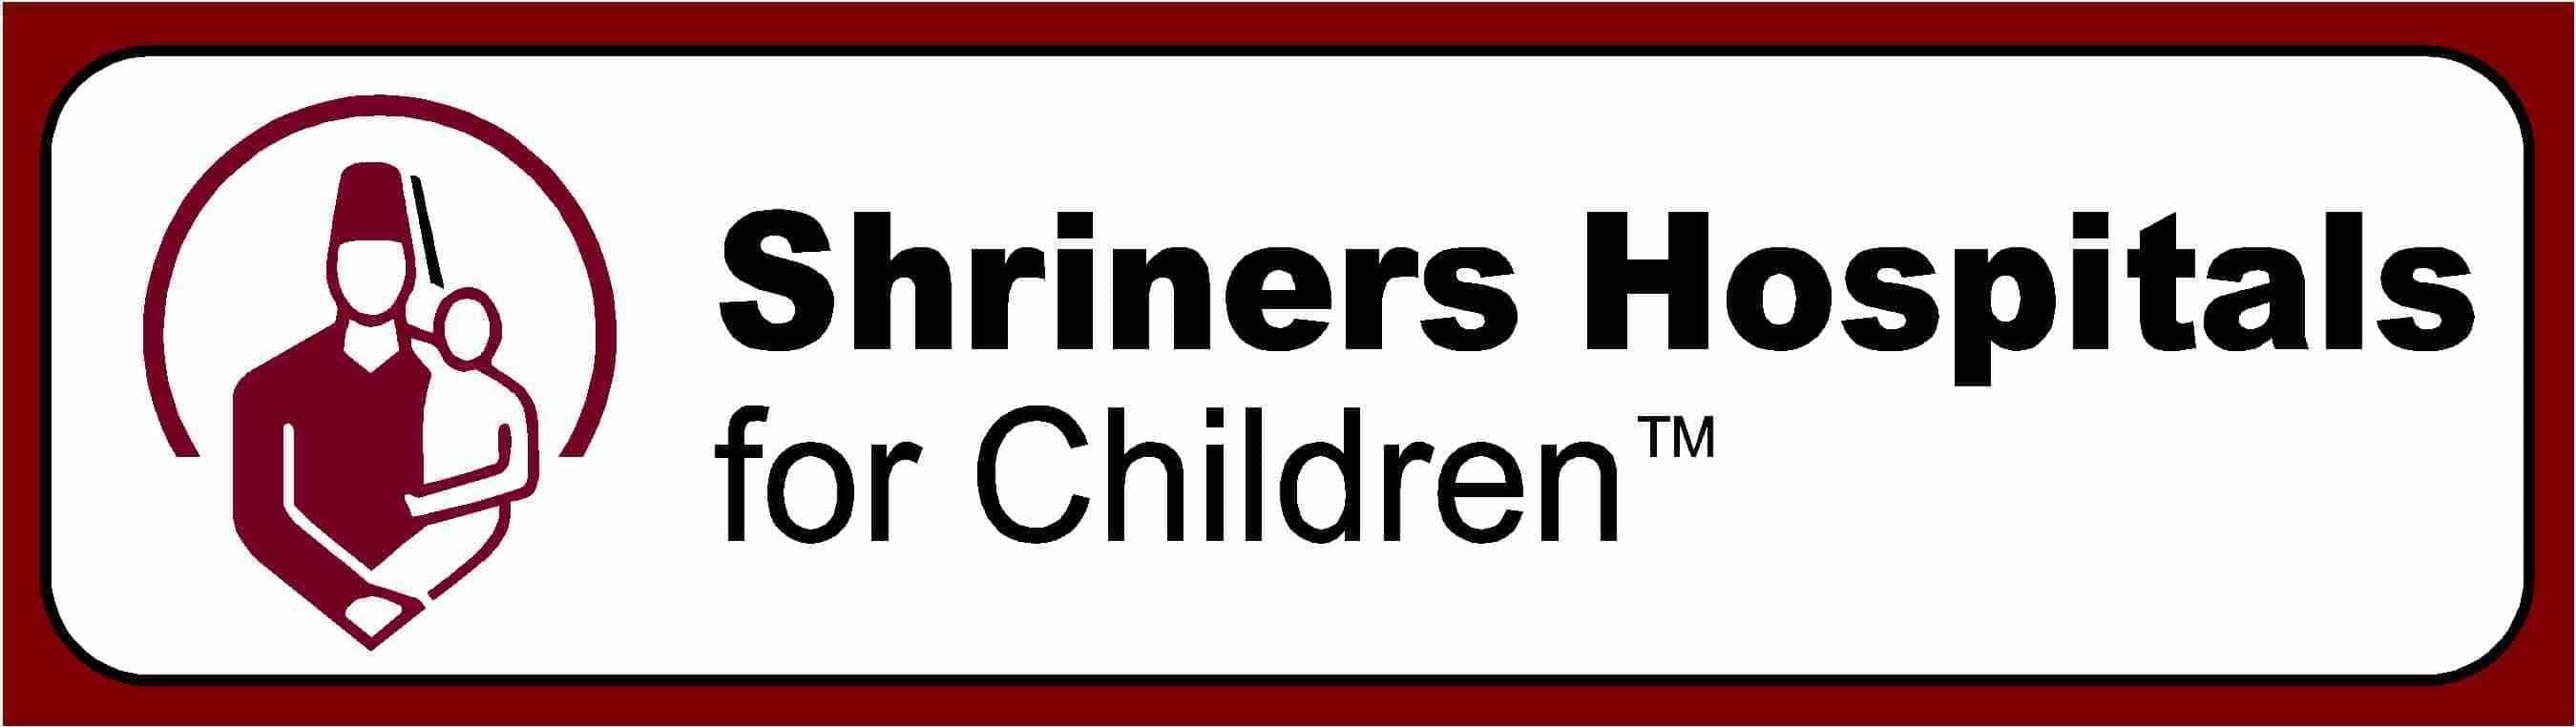 Shriners Children's Hospital logo